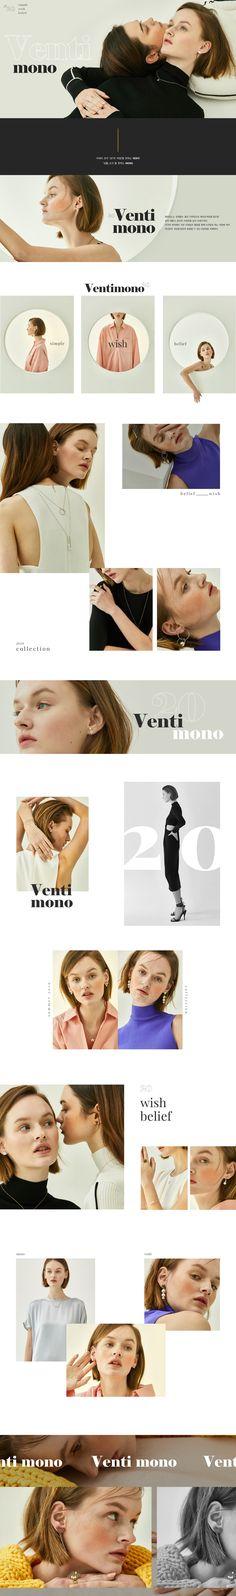 Website Design Layout, Graphic Design Layouts, Web Layout, Layout Design, Fashion Web Design, Lookbook Layout, Banner Design Inspiration, Best Banner, Portfolio Web Design